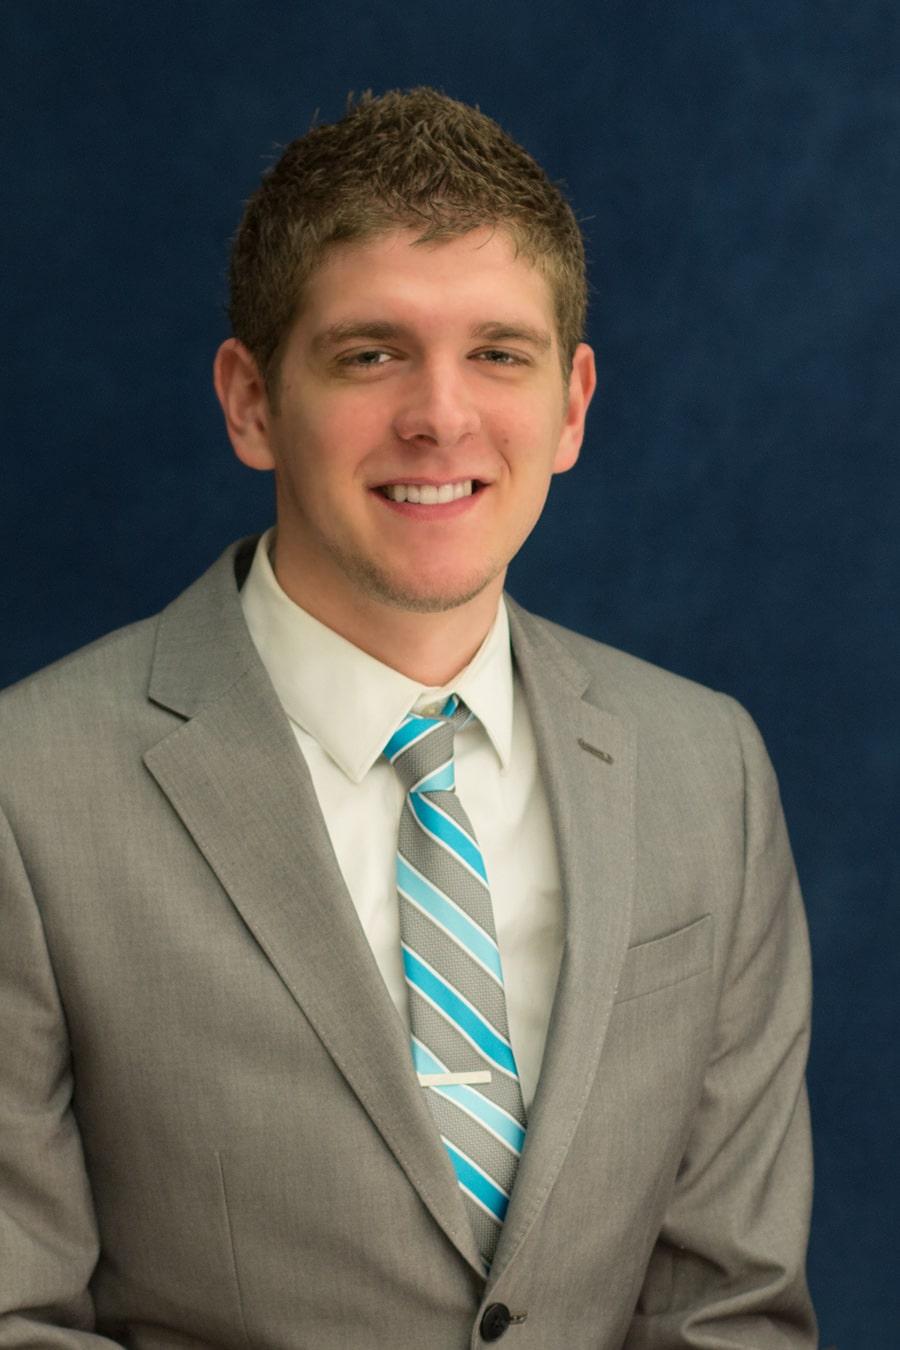 Josh Fettig